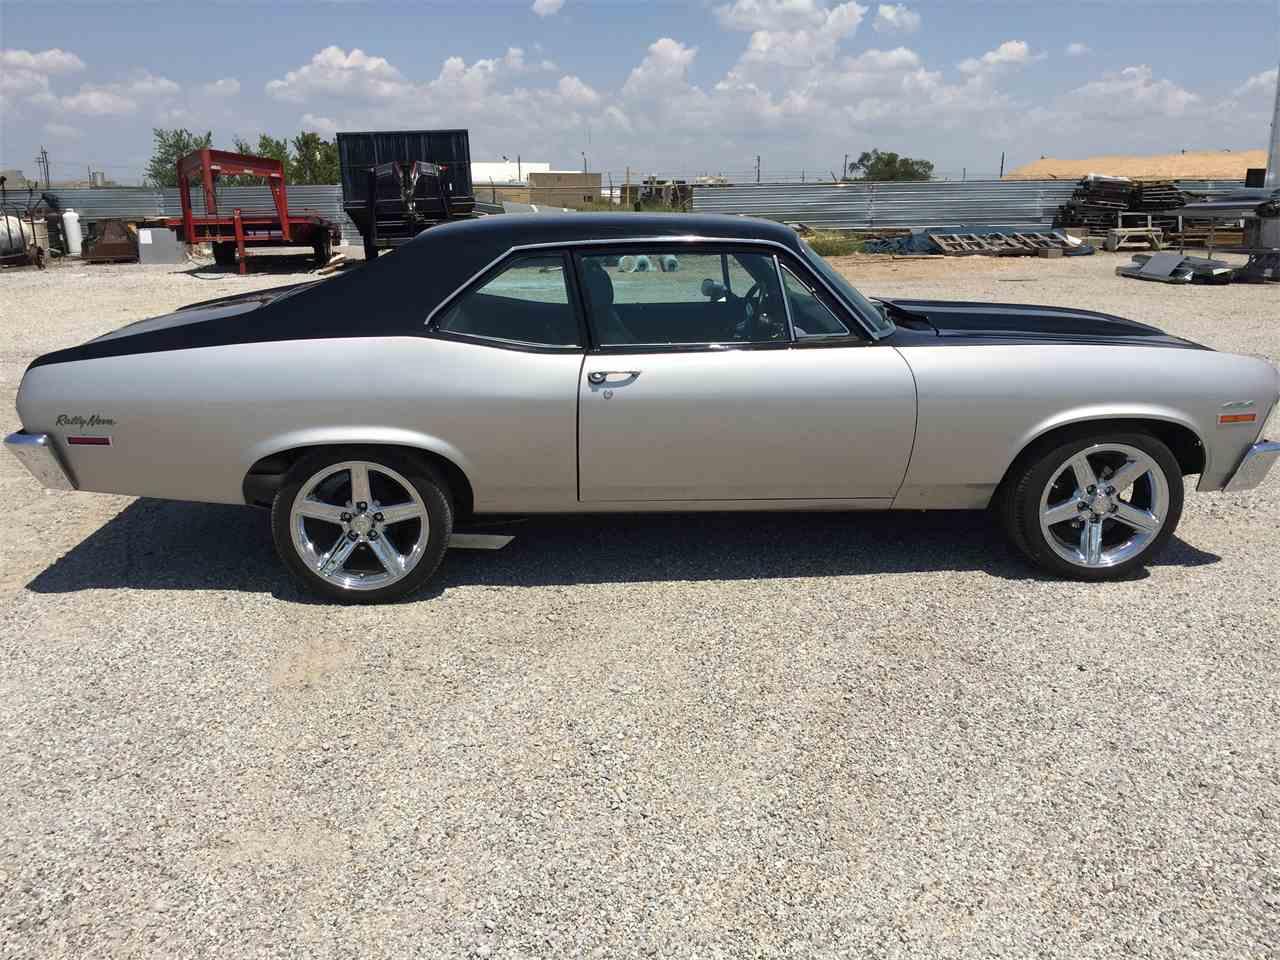 Cars For Sale Enid Oklahoma